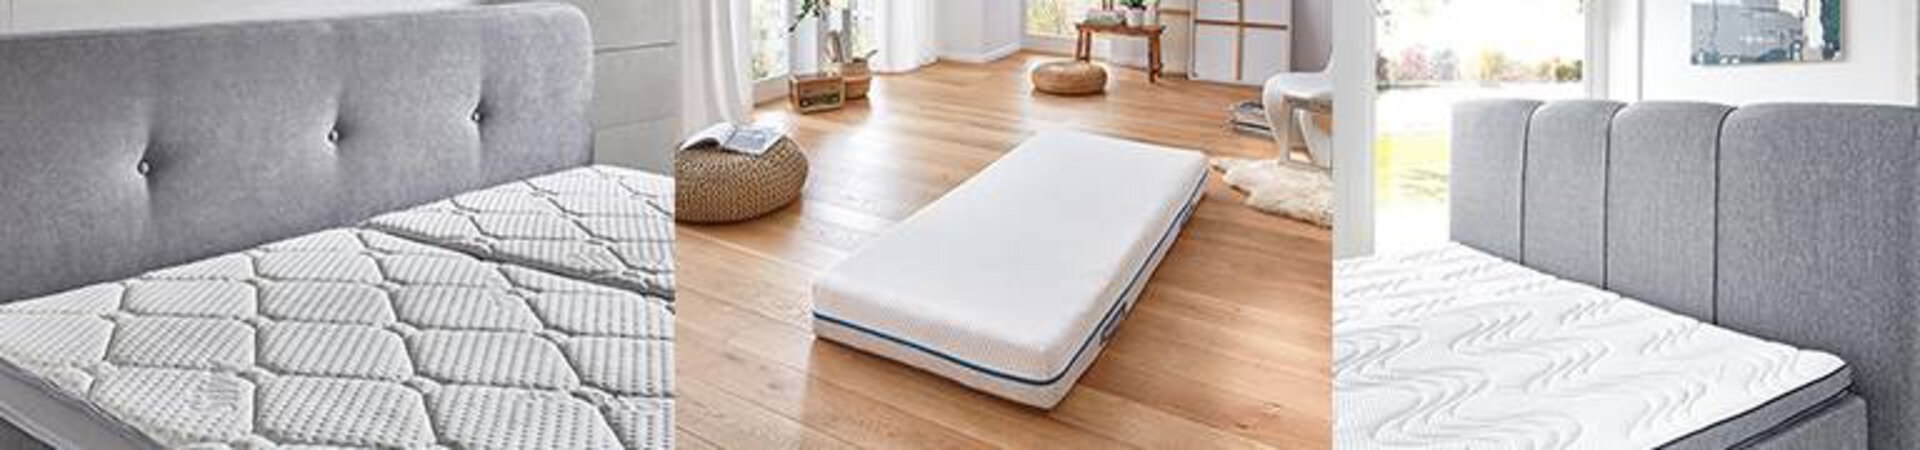 Themenbild zu Pflege von Matratzen